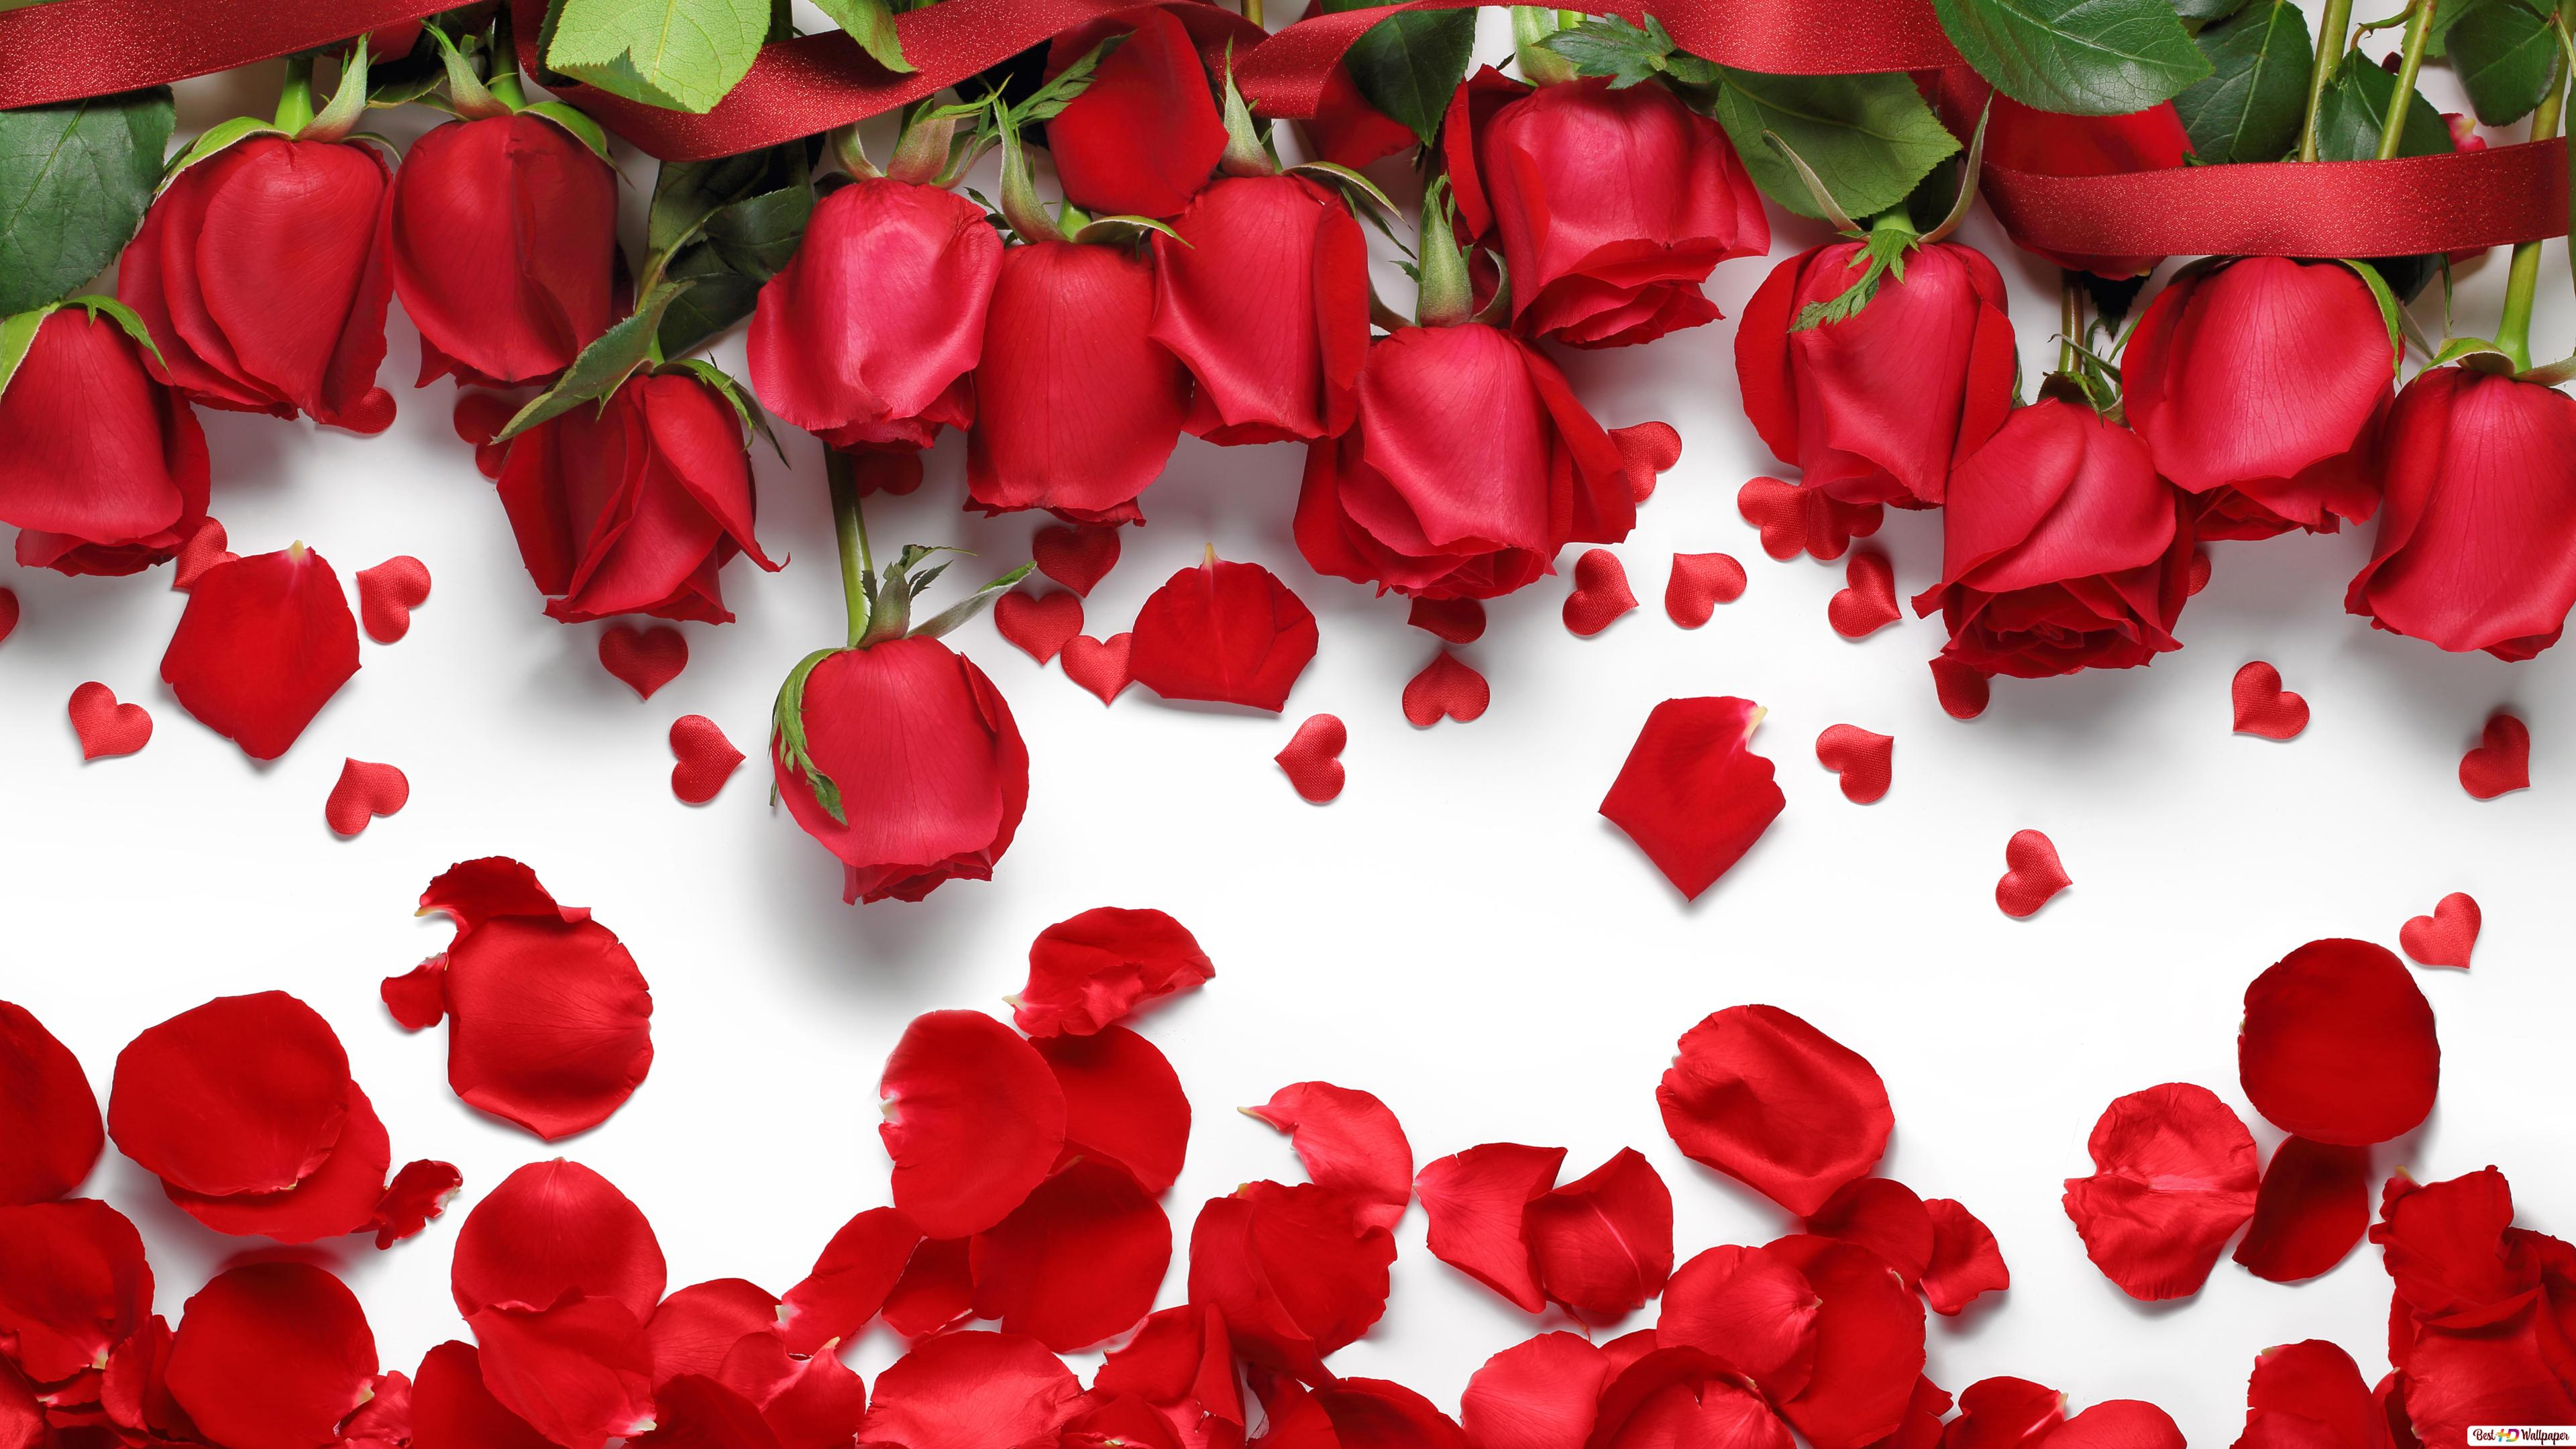 Fiori Belli.Tutti I Fiori Sono Belli Ma Le Rose Sono Separati Download Di